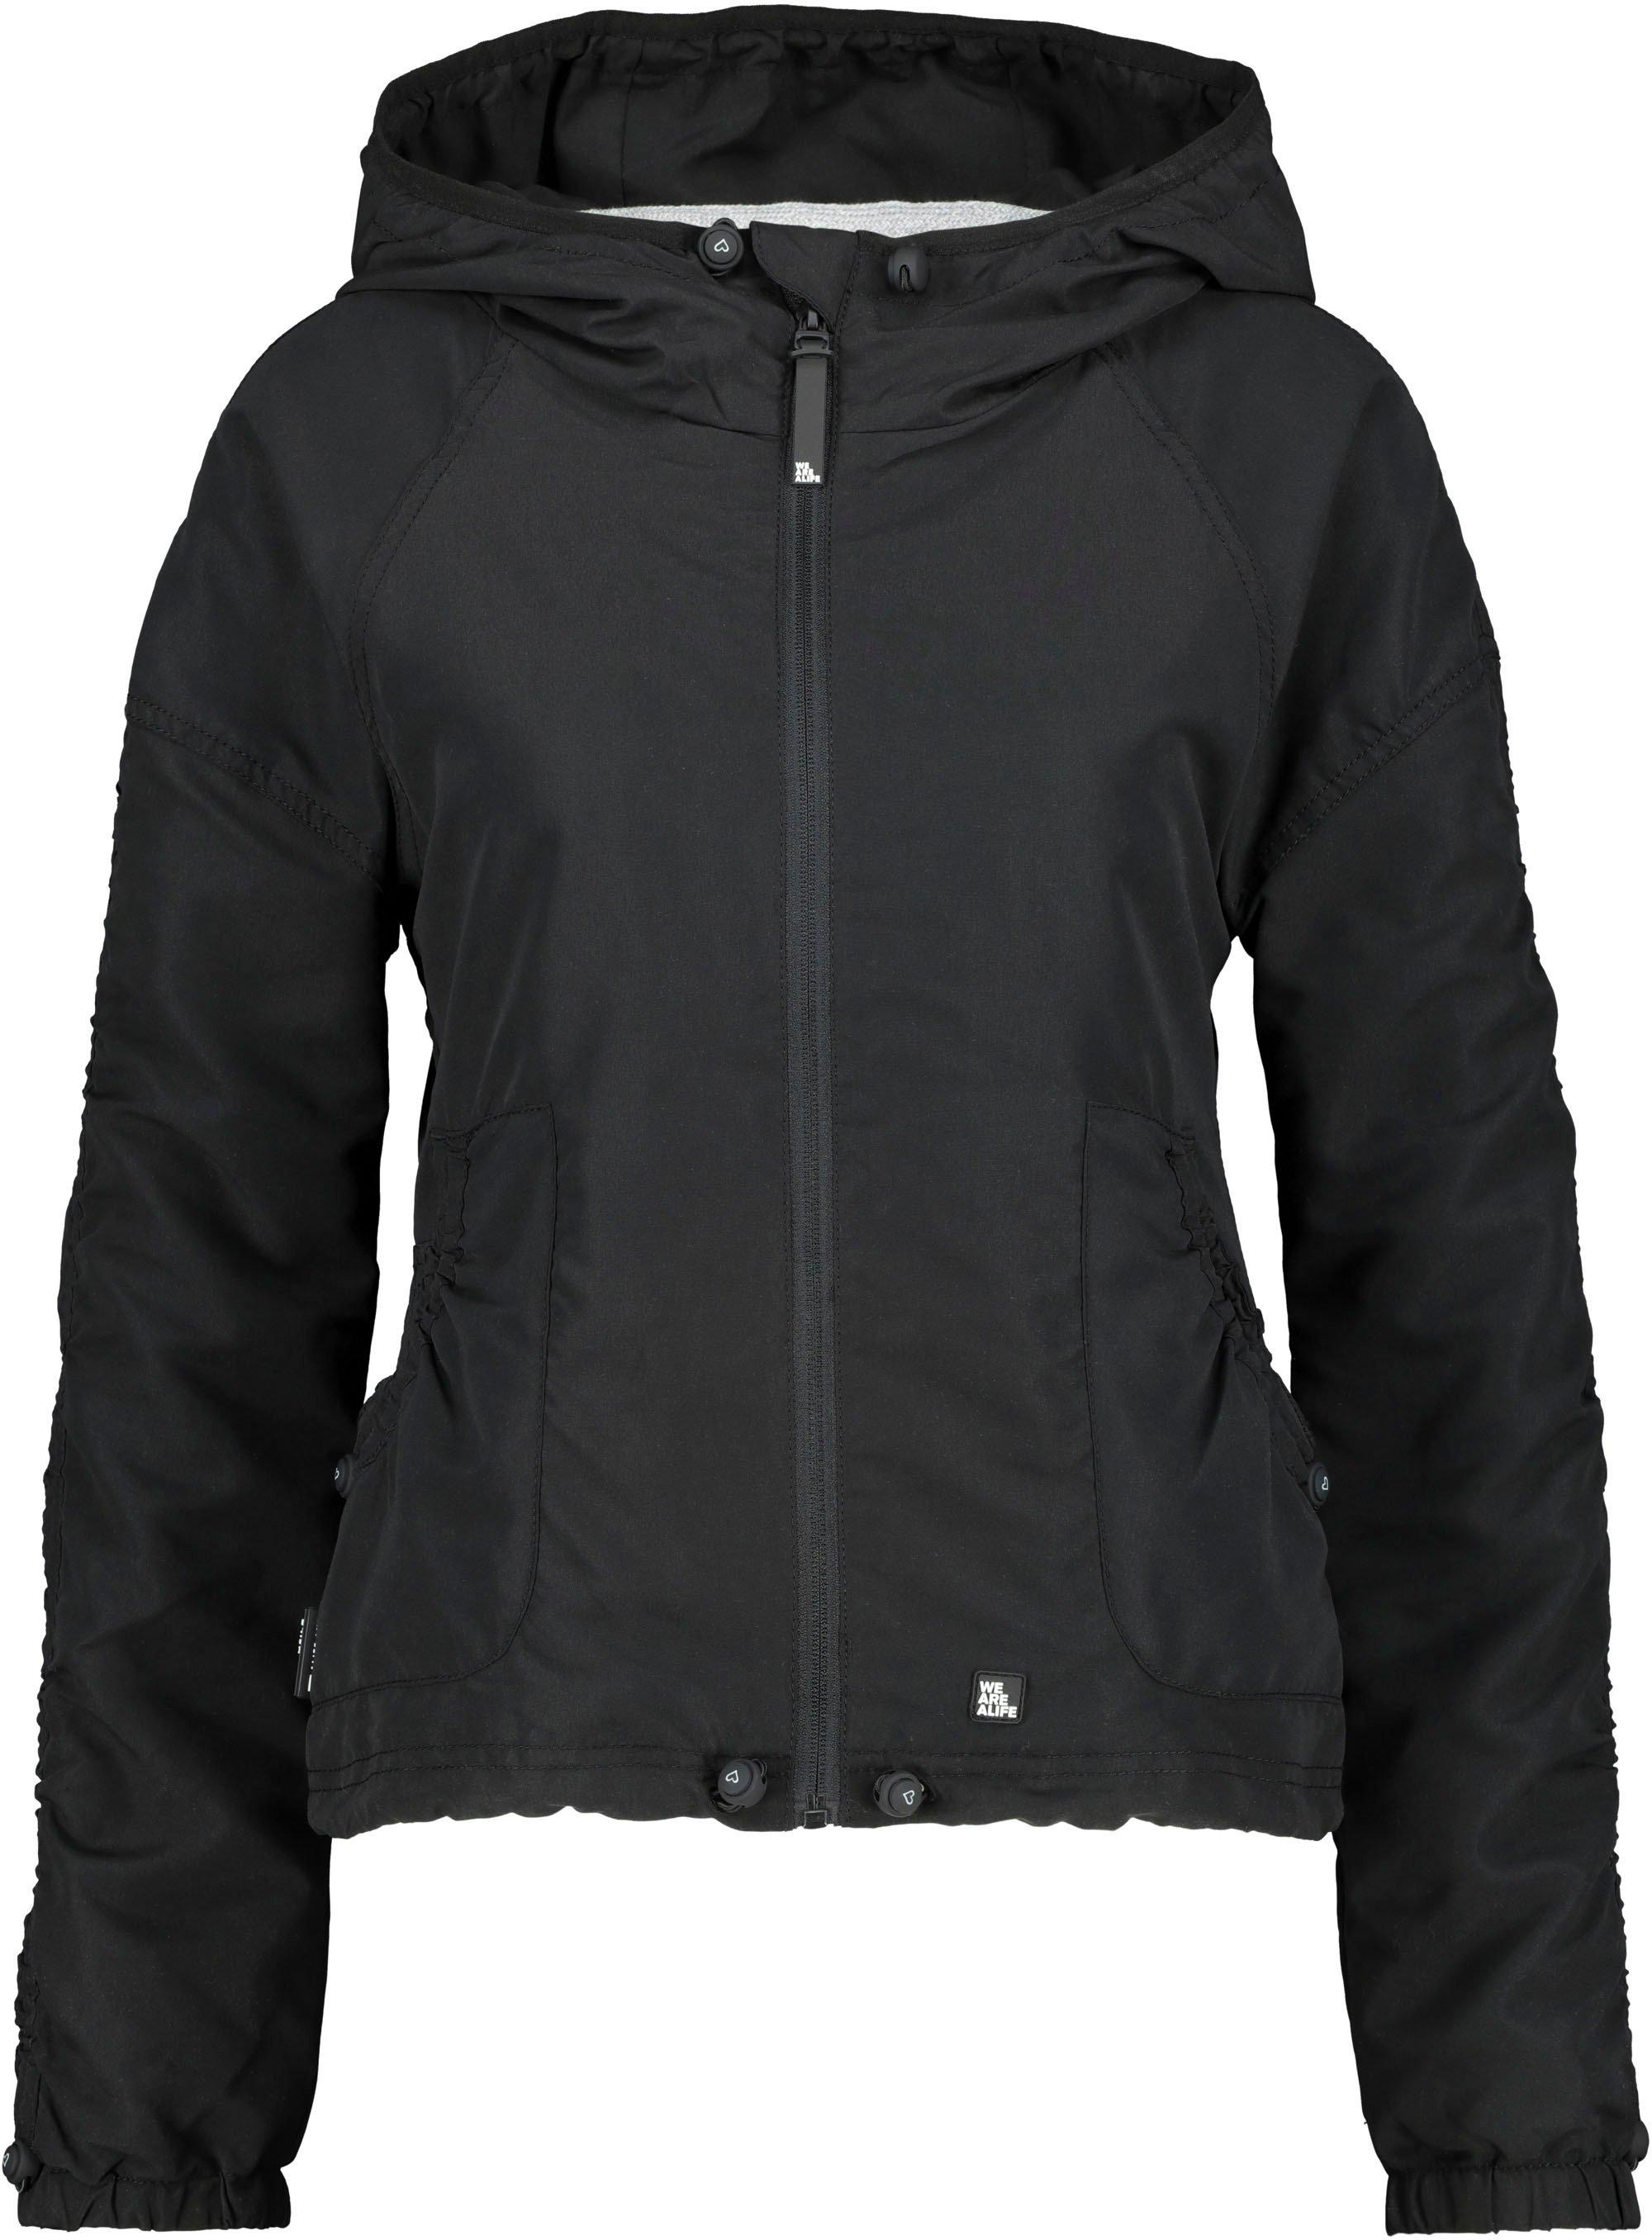 alife and kickin outdoorjack OraAK lichte, sportieve blousonjas met zijzakken & capuchon in de webshop van OTTO kopen